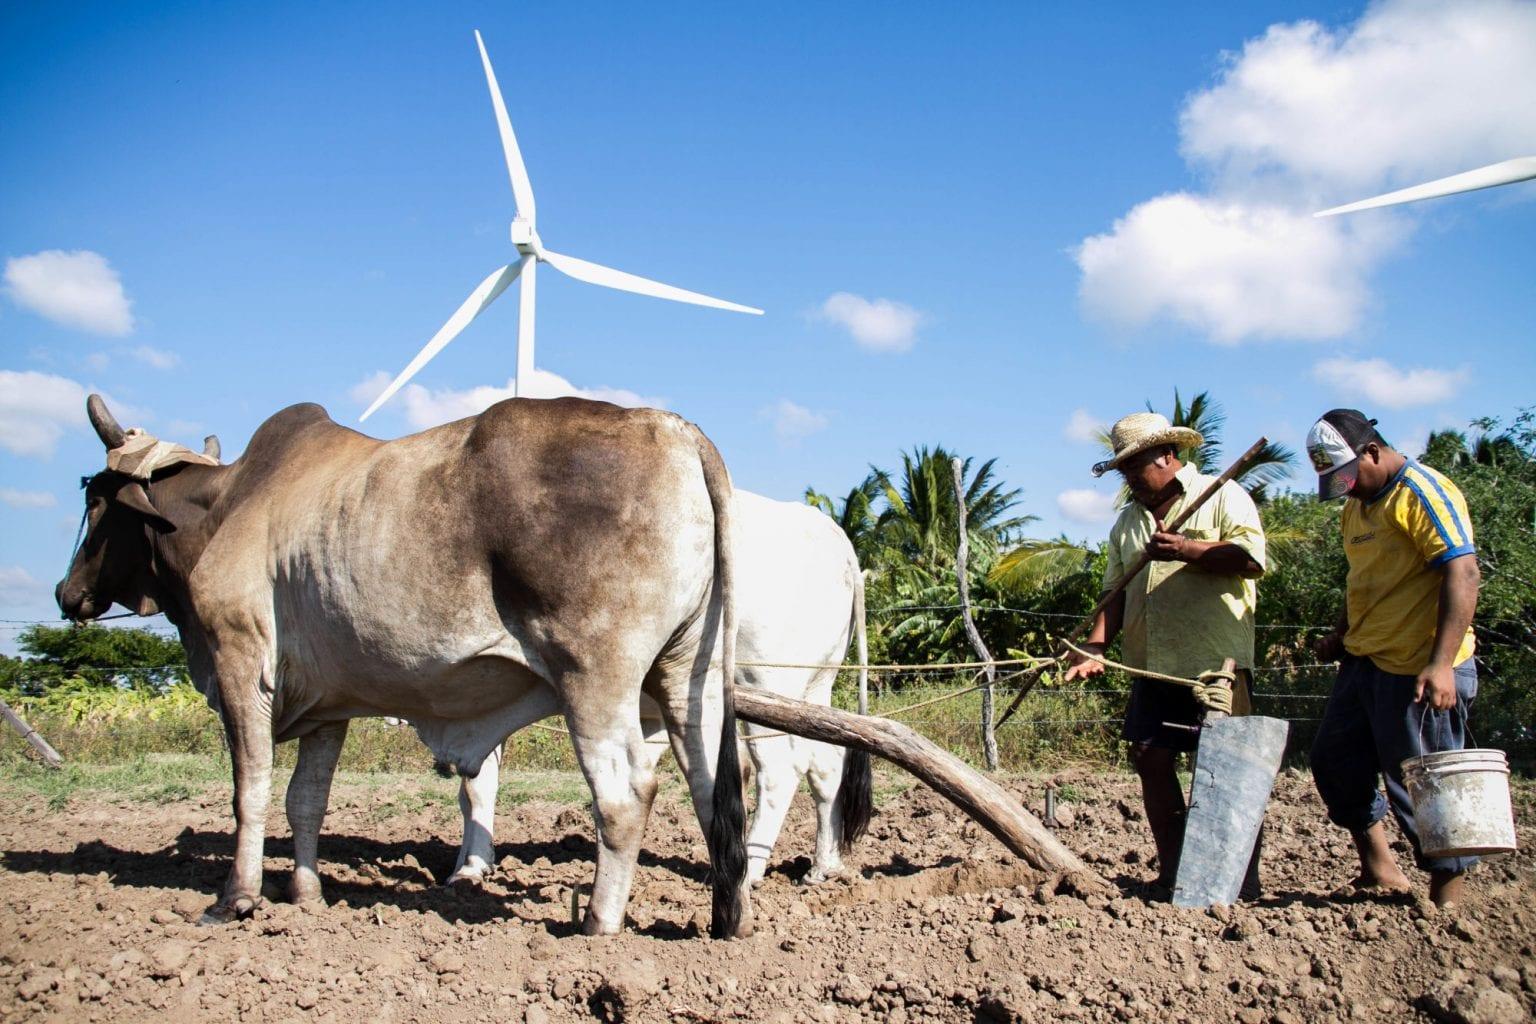 Oaxaca er Mexicos største vind-mekka. Internationale firmaer har foreløbig bygget 27 vindmølleparker i Oaxaca. Danske Vestas er hovedentreprenør på det kontroversielle megaprojekt Eólica del Sur. Foto: Santiago Navarro/Thuthout.org